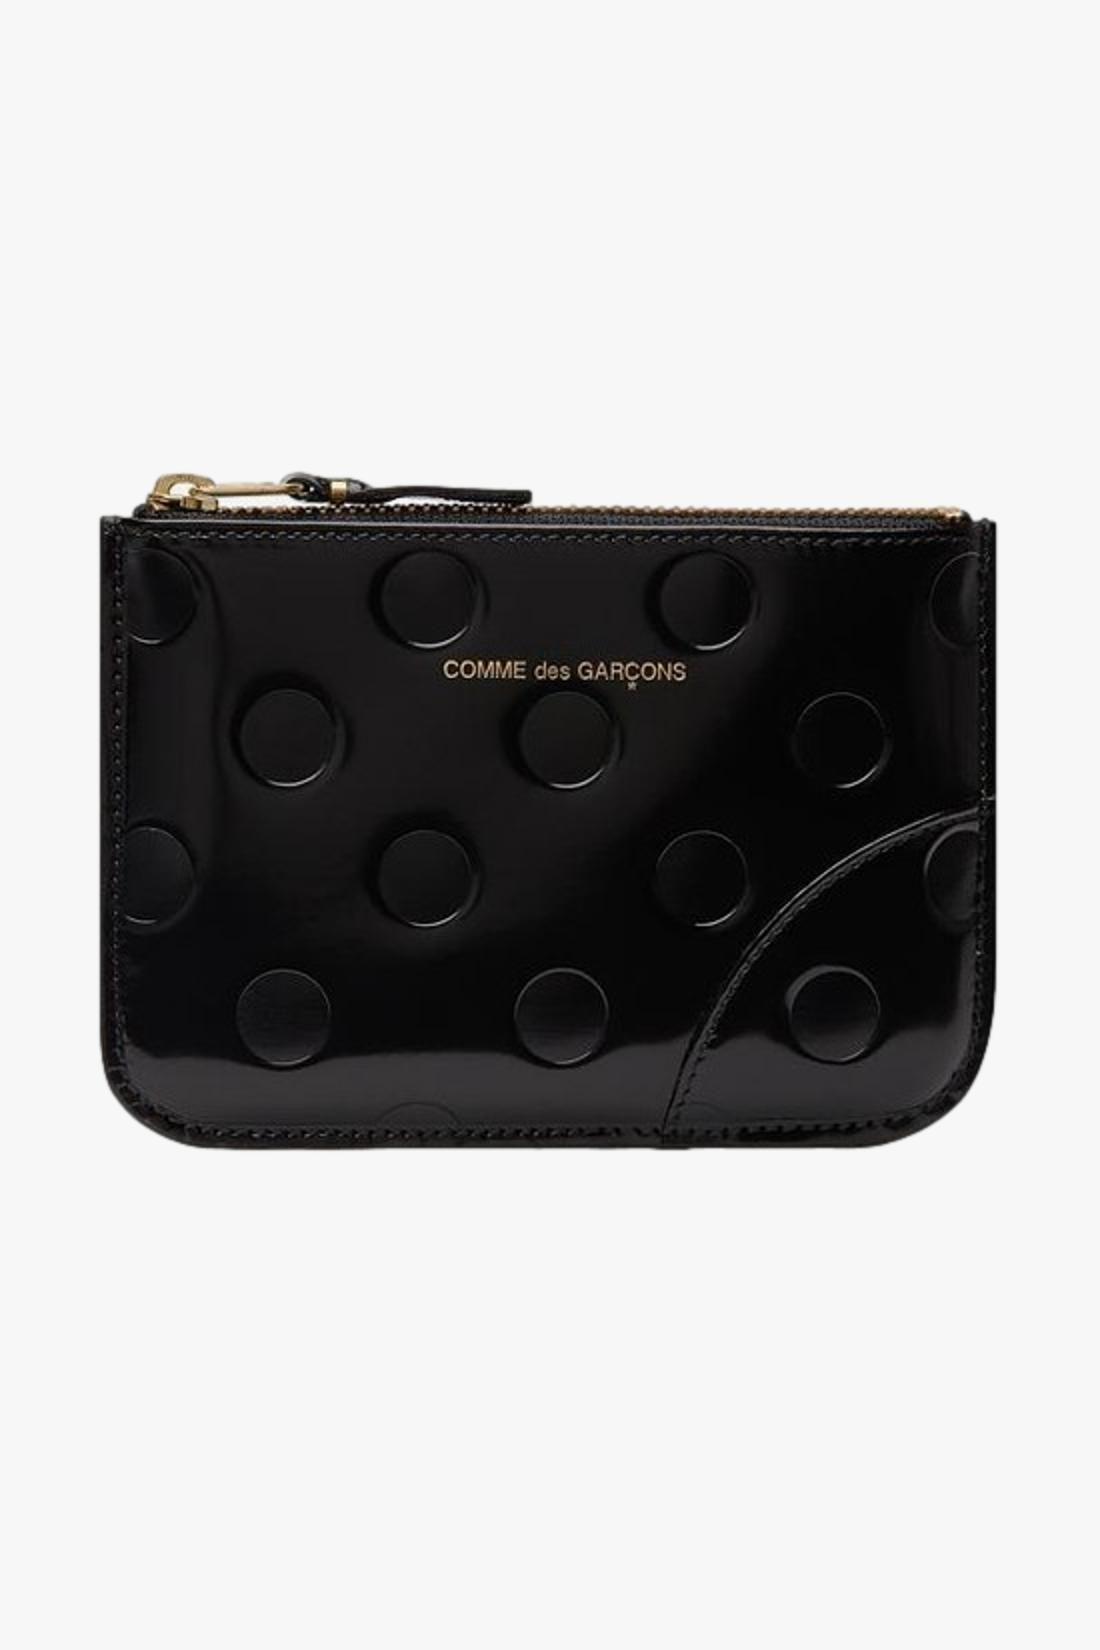 COMME DES GARÇONS WALLETS / Cdg leather wallet polka dots Black